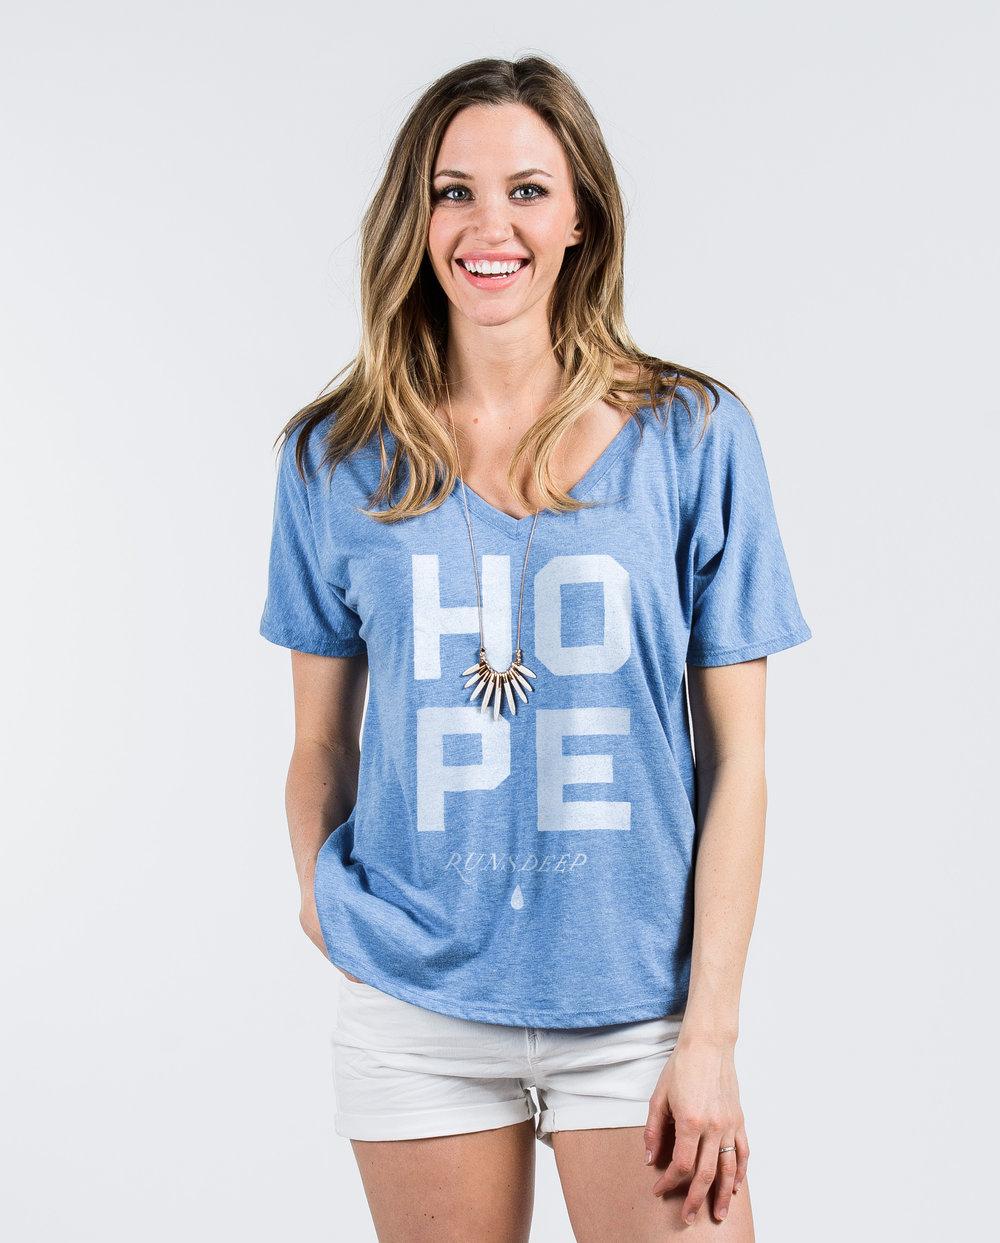 hoperunsdeep_women.jpg